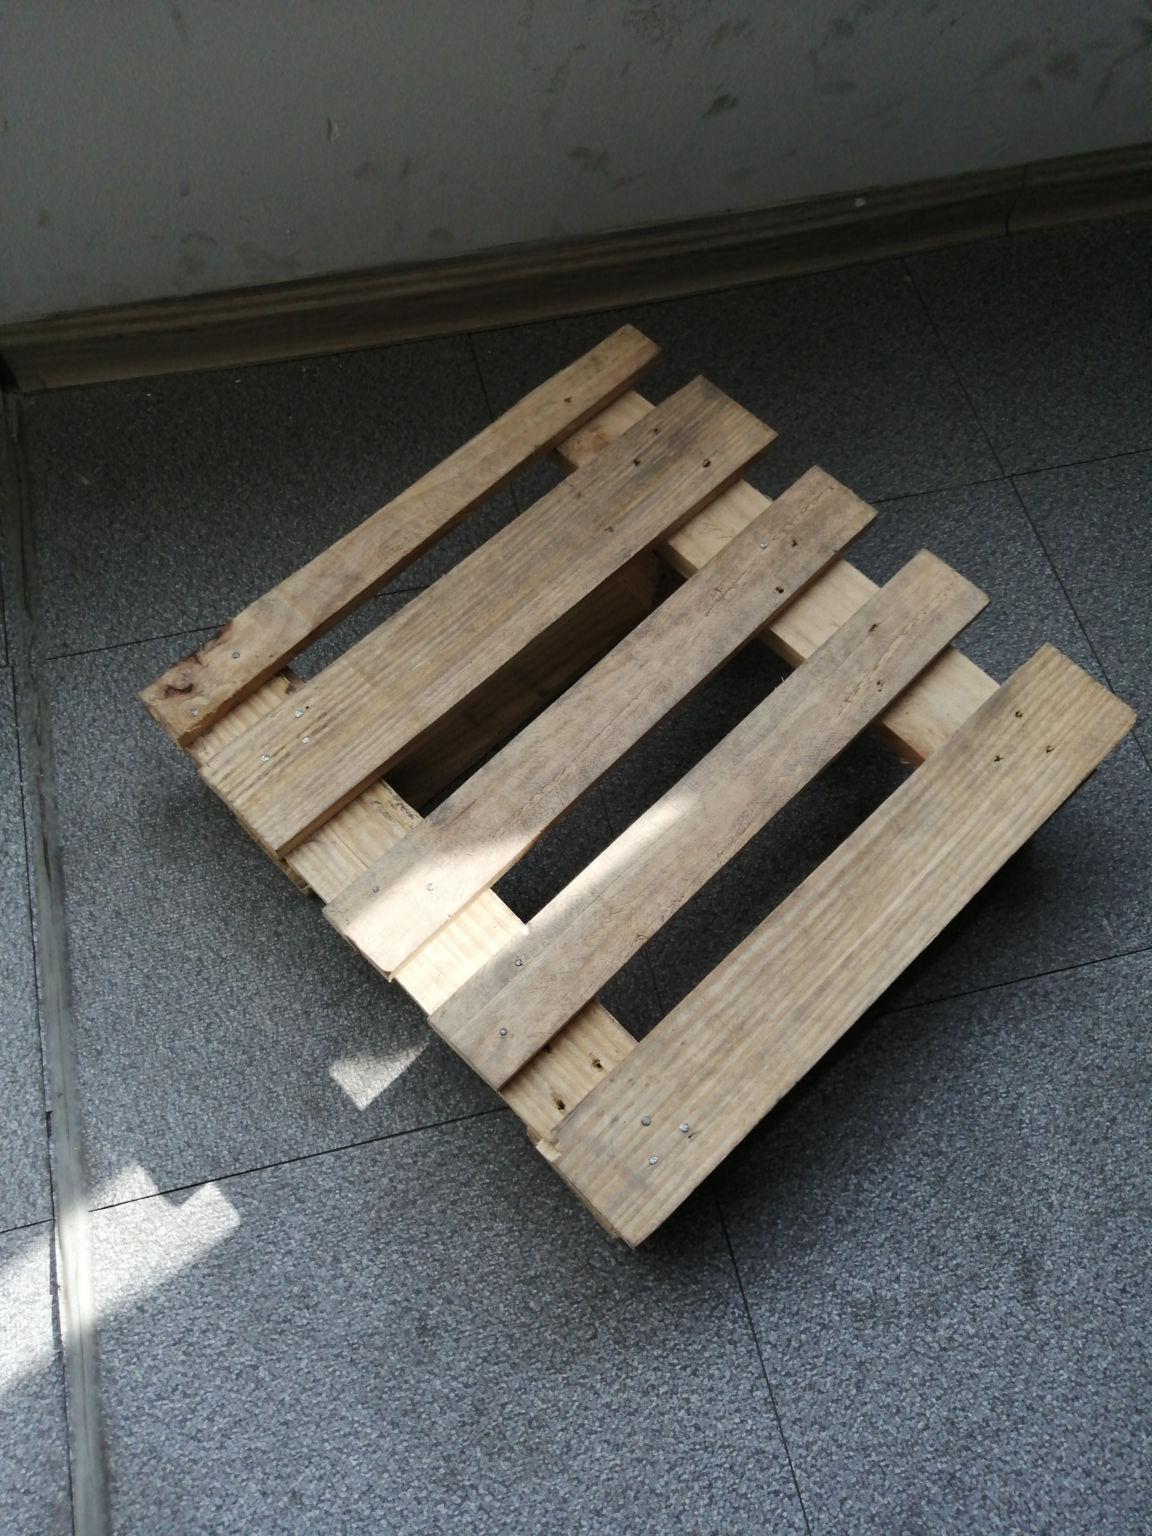 定制木箱木托盘-定制木箱木托盘批发、促销价??,㏰∨┃✪、产地货